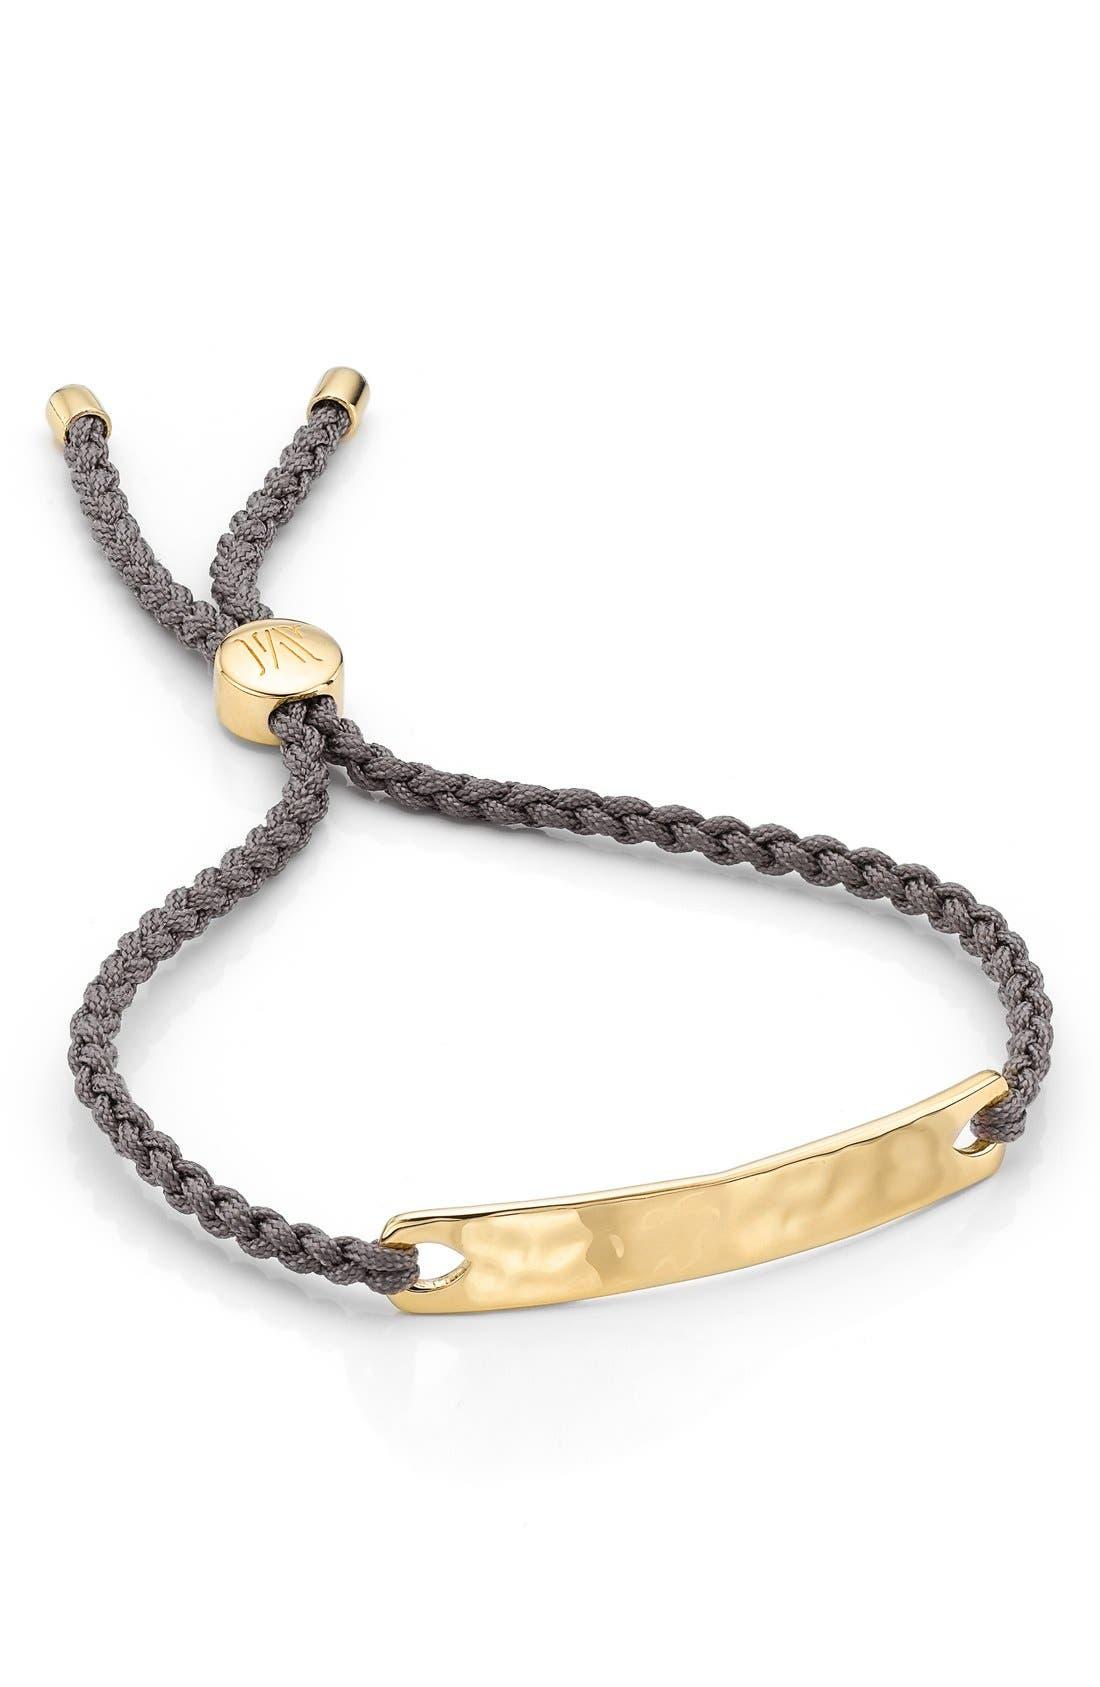 Engravable HavanaFriendship Bracelet,                             Main thumbnail 1, color,                             YELLOW GOLD/ MINK